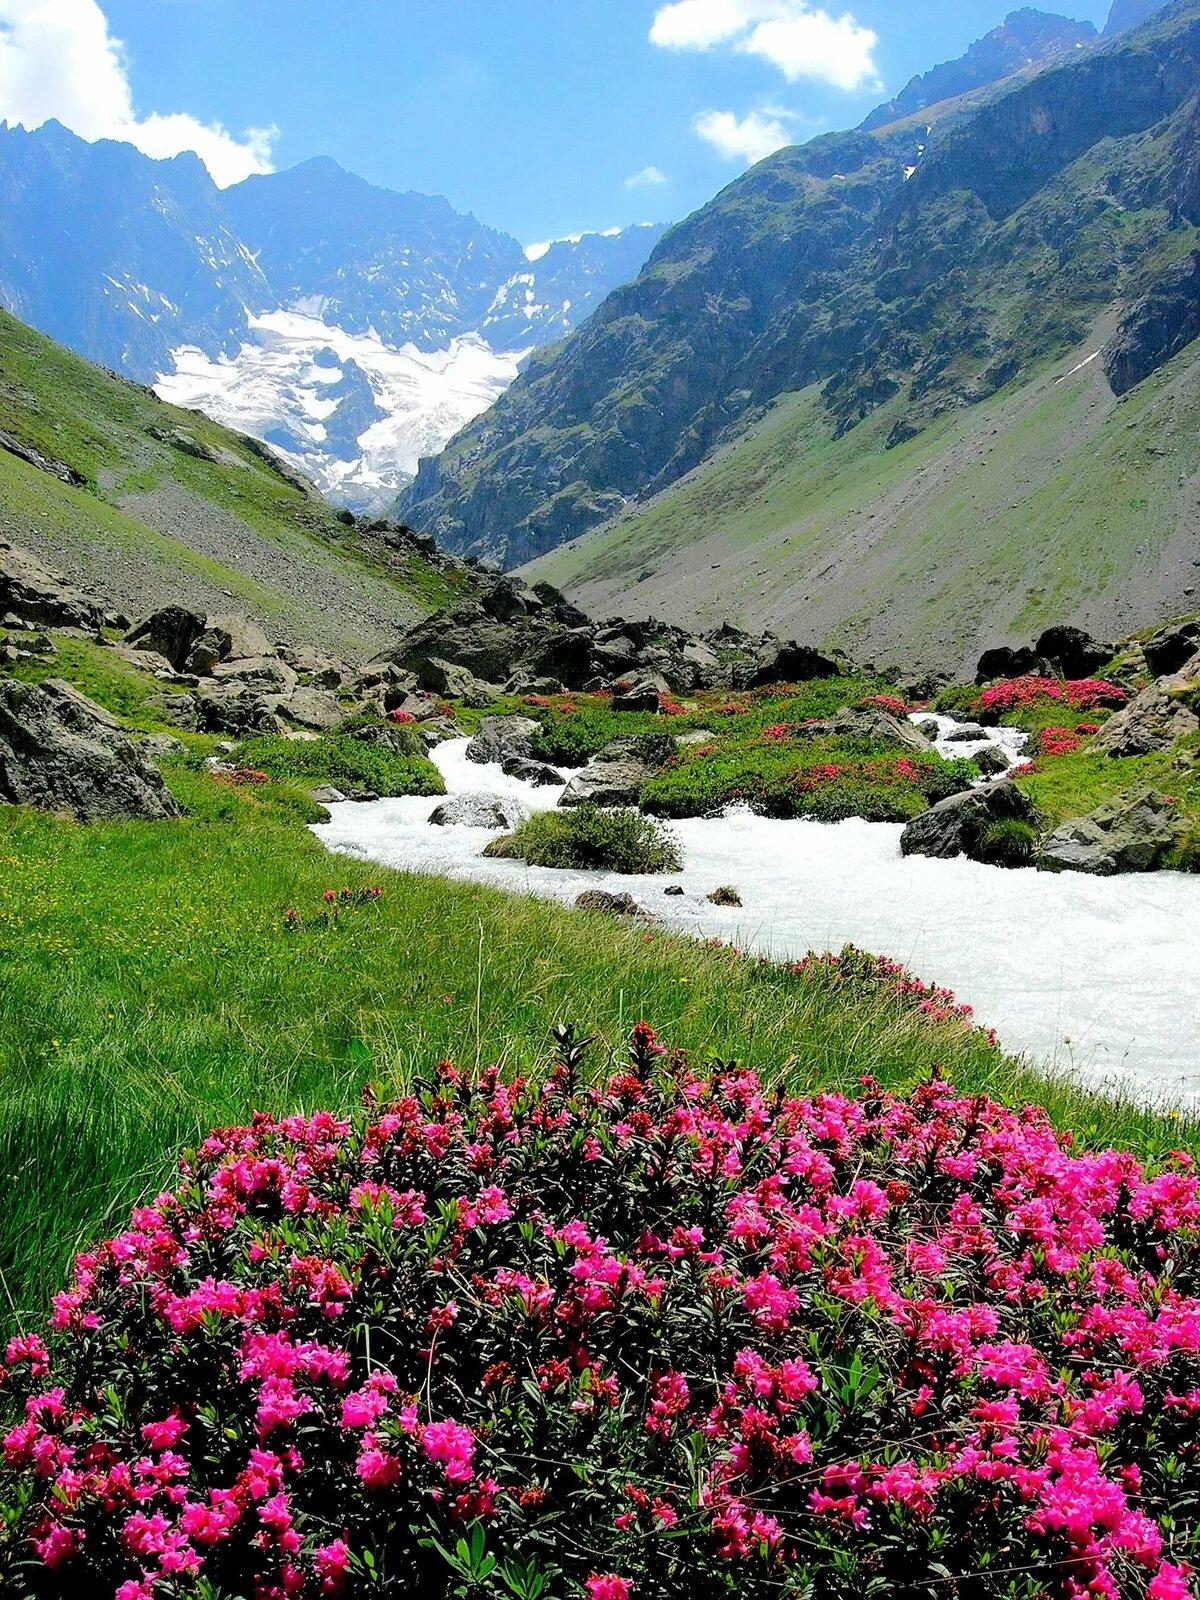 фото роза в горах достигается путем